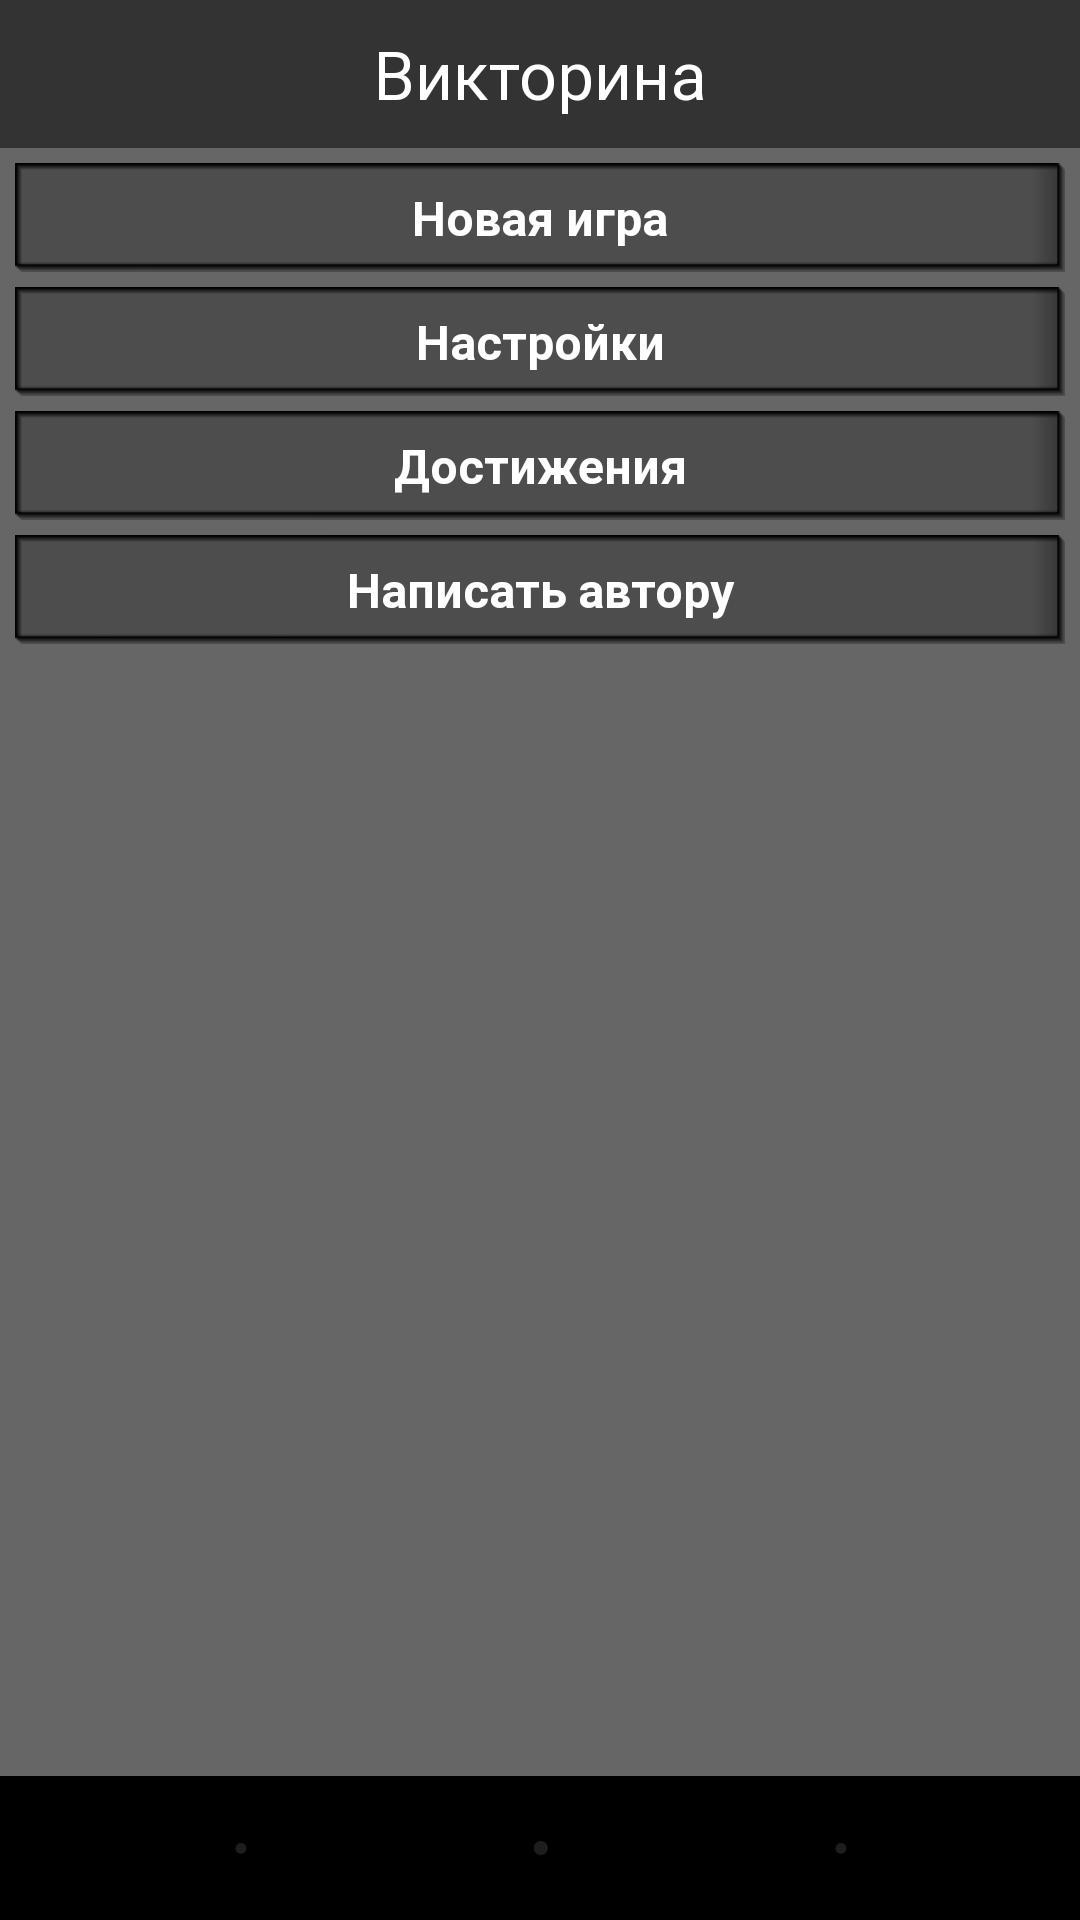 Викторина (Русская) 1 تصوير الشاشة